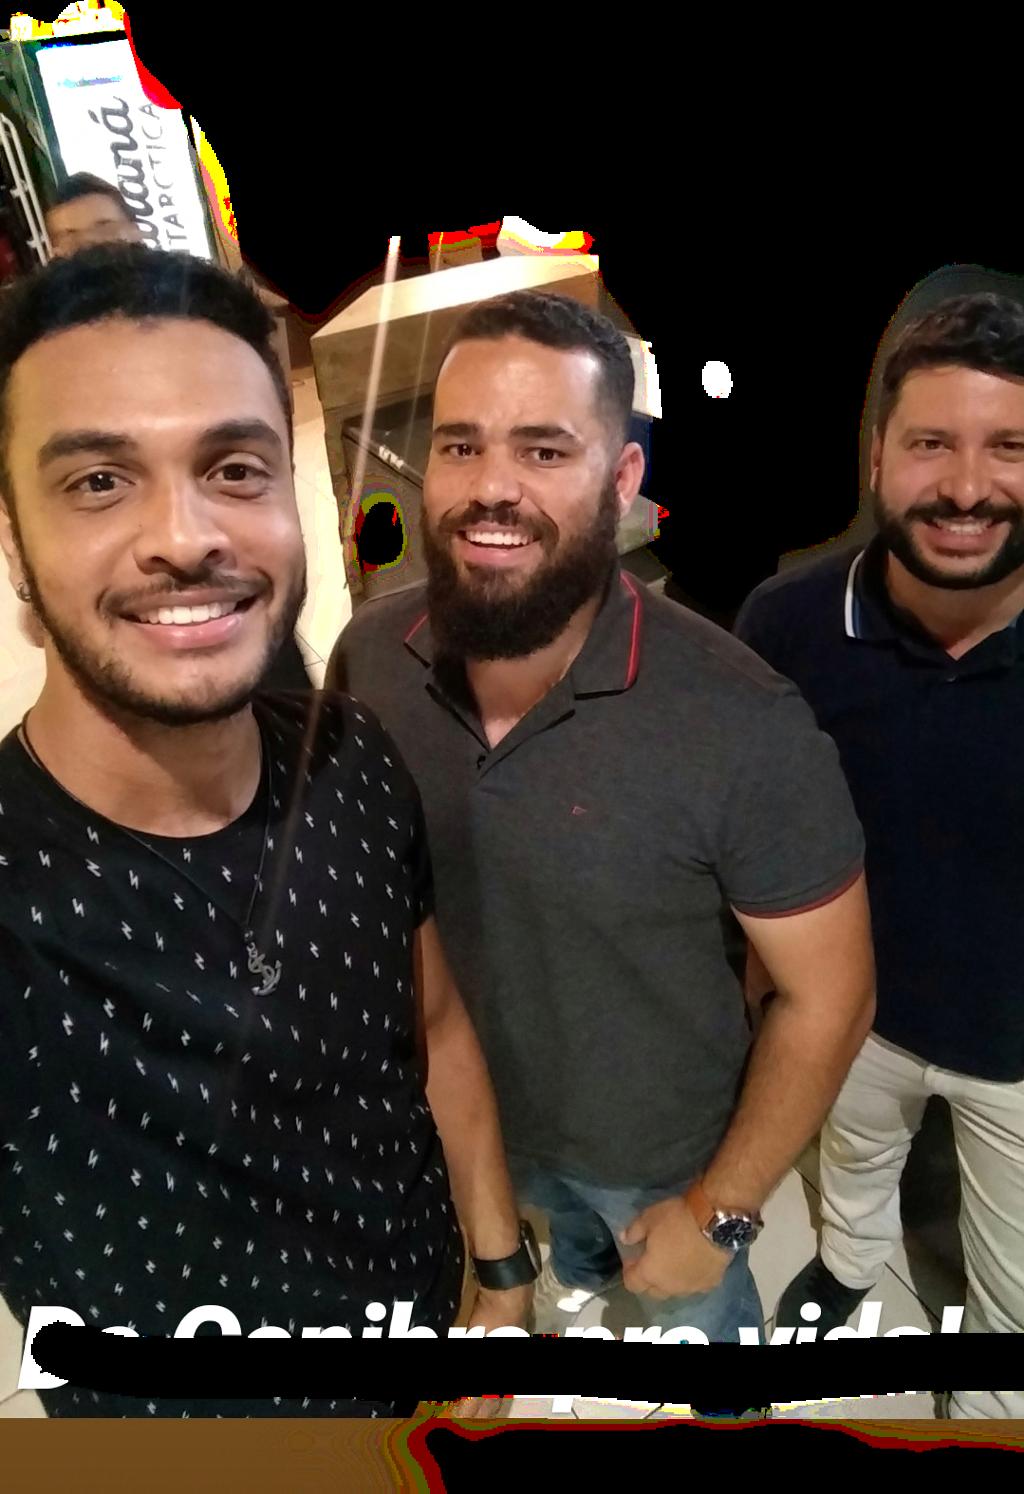 #trio